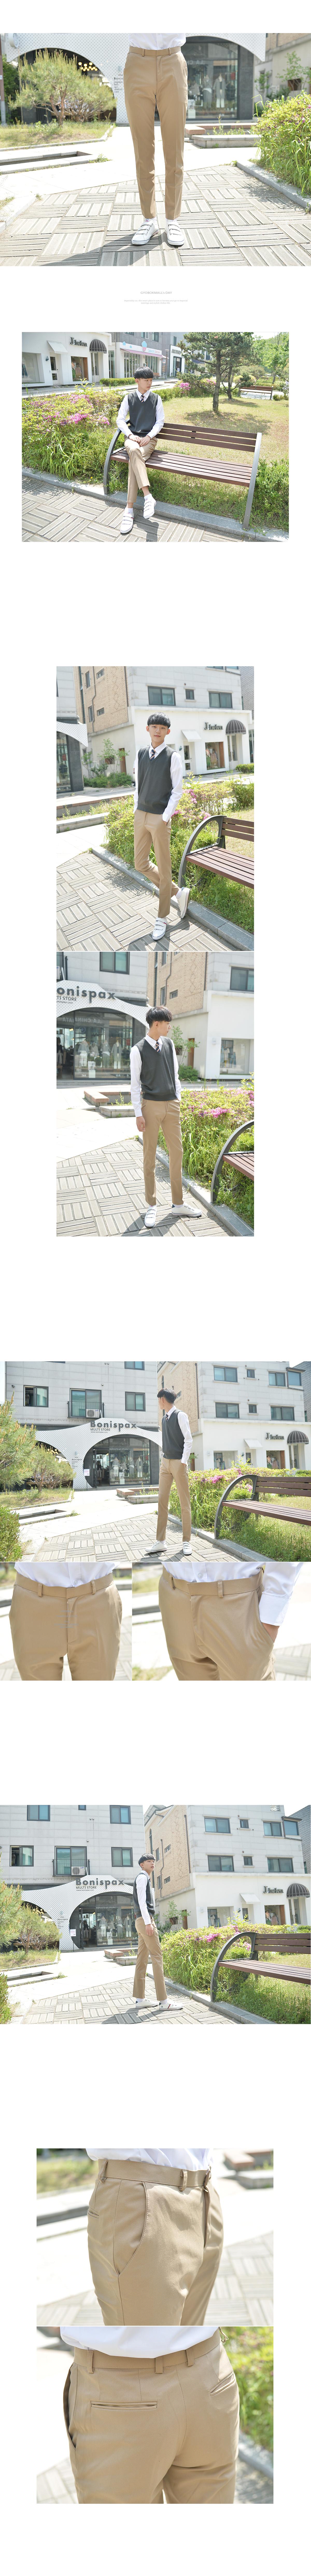 스판 베이지 교복바지 남자 - 교복몰, 37,400원, 남성 스쿨룩, 하의